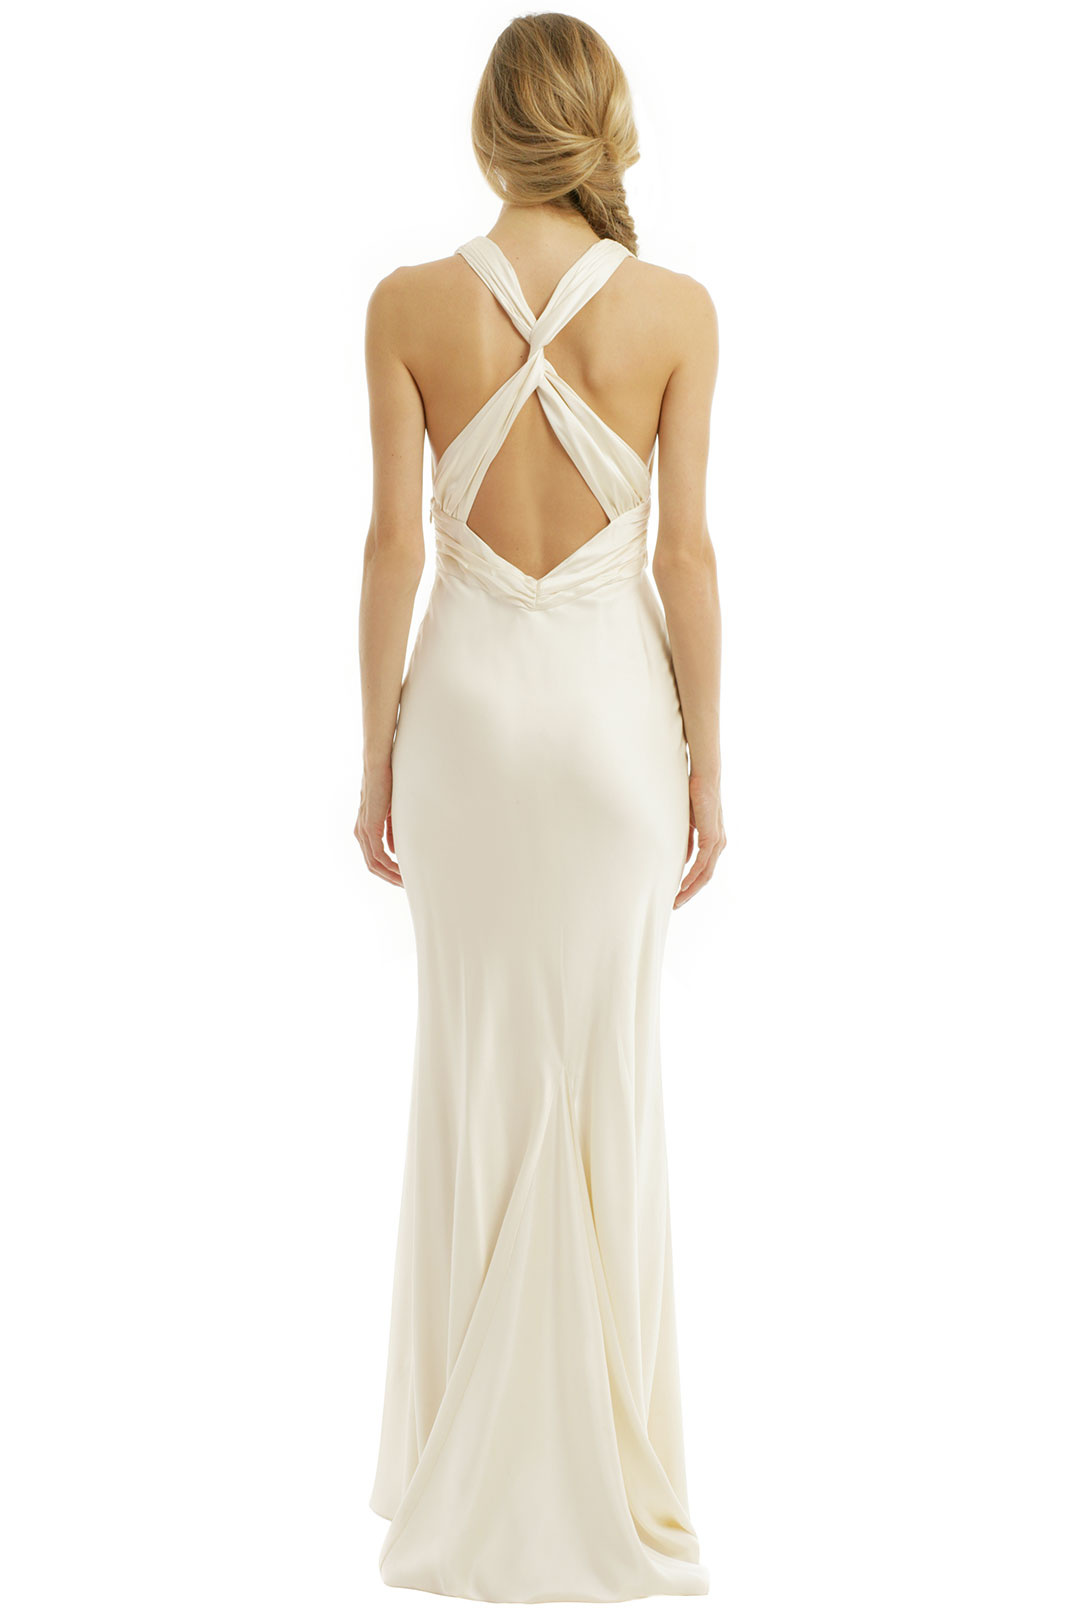 rentable wedding dresses photo - 1